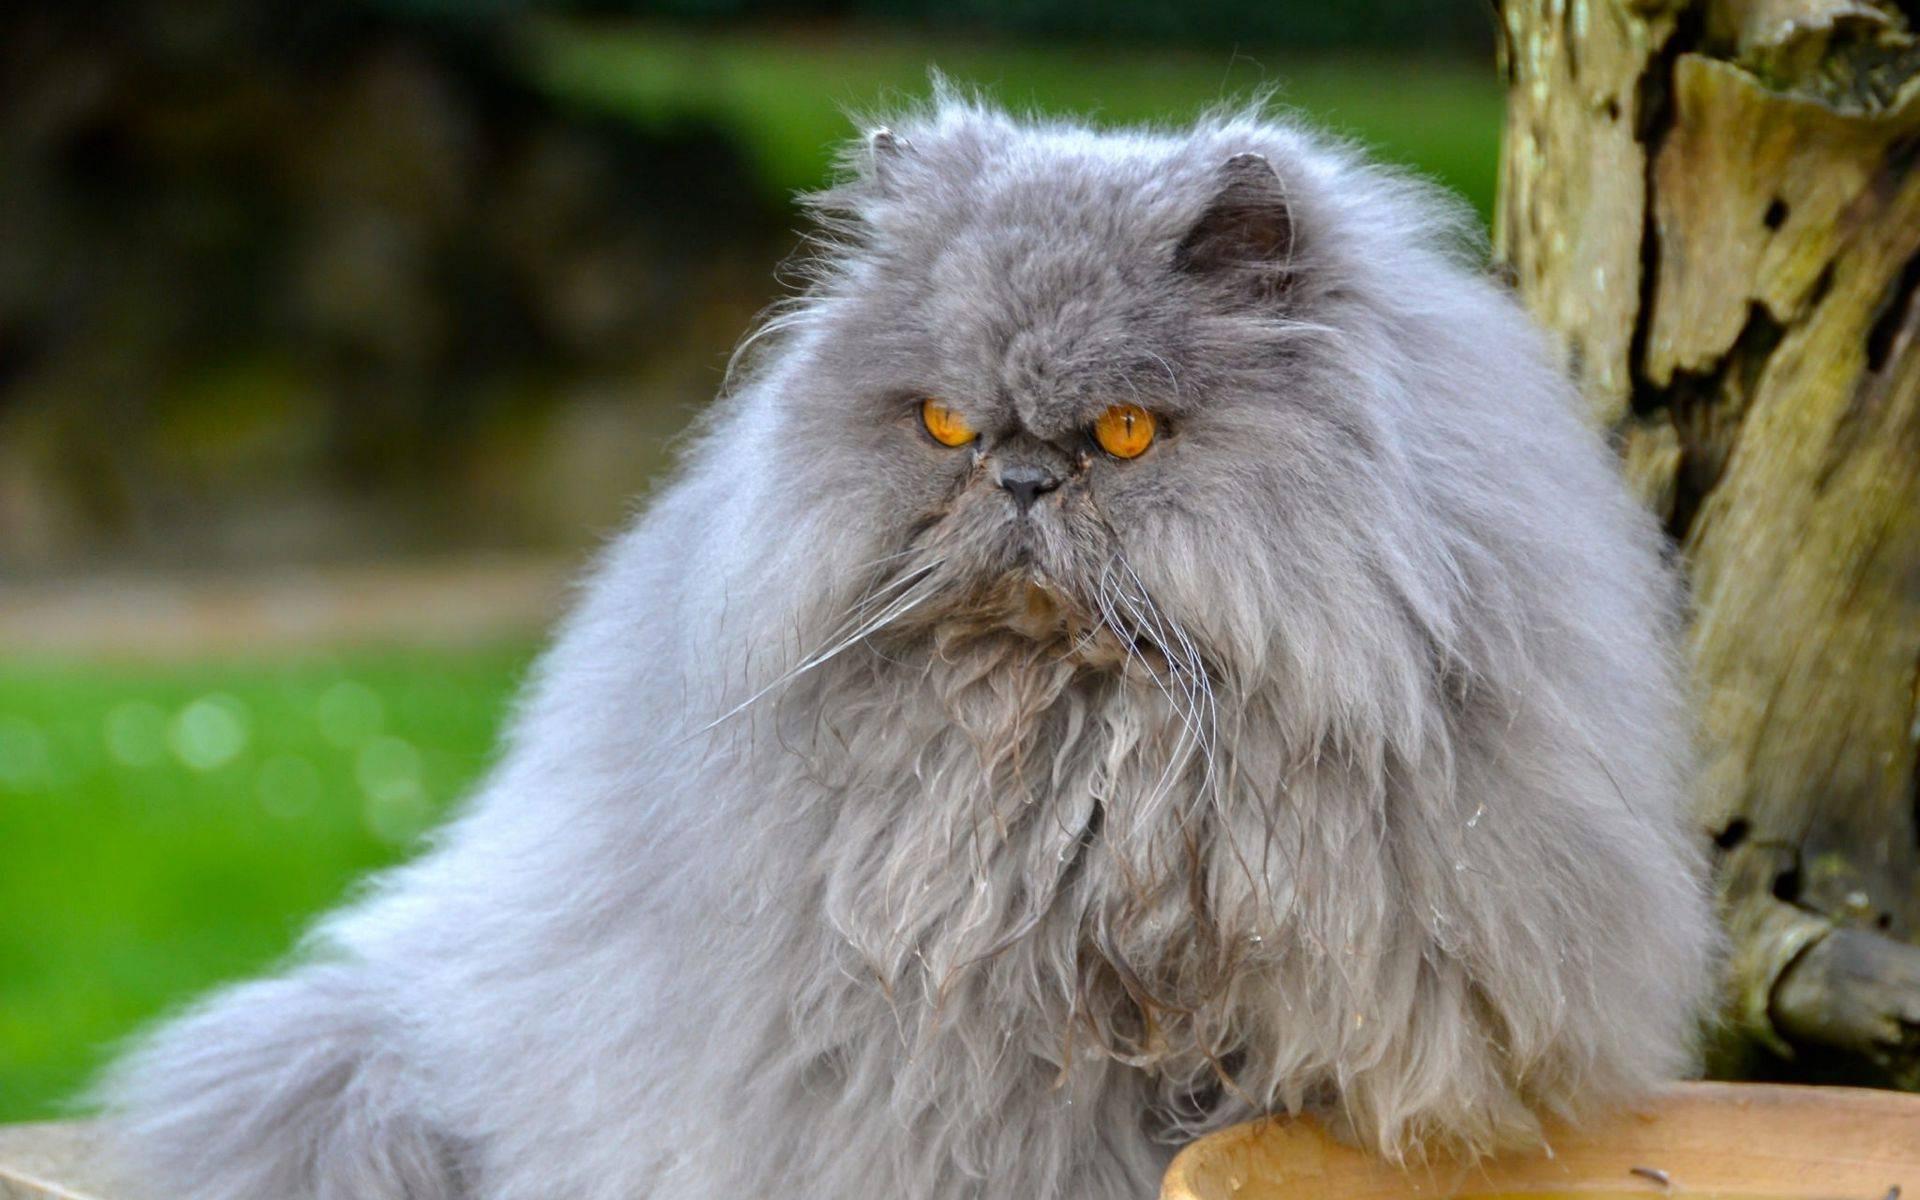 Топ 10 длинношерстных пород кошек - названия, описание и фото — природа мира